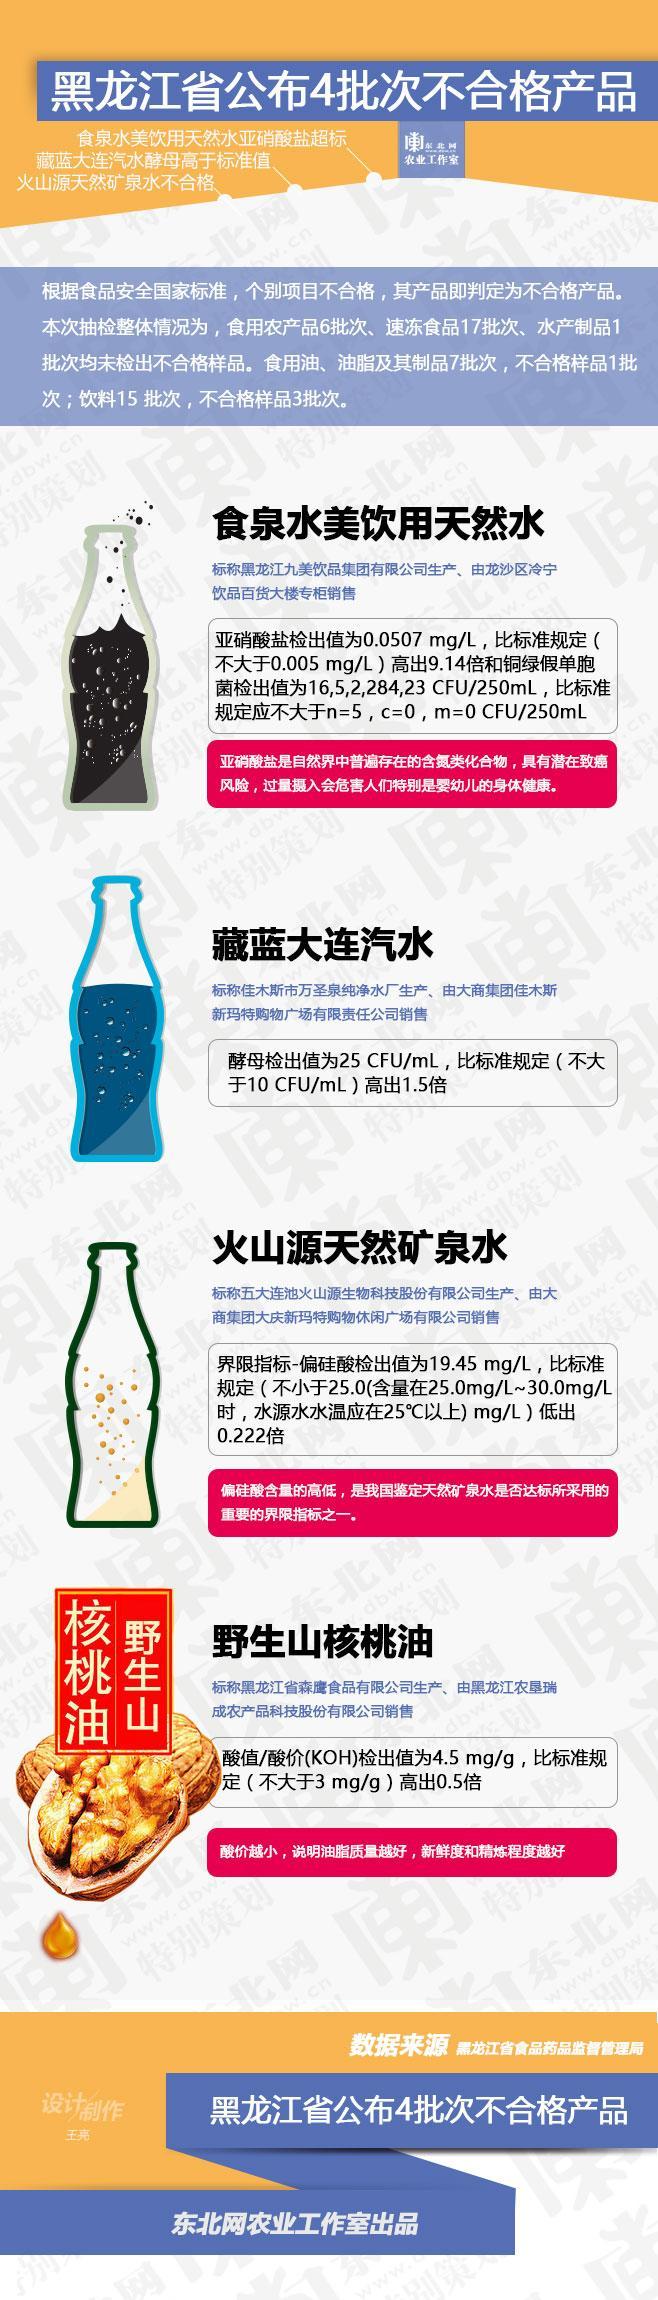 中国打响食物保卫战 澳